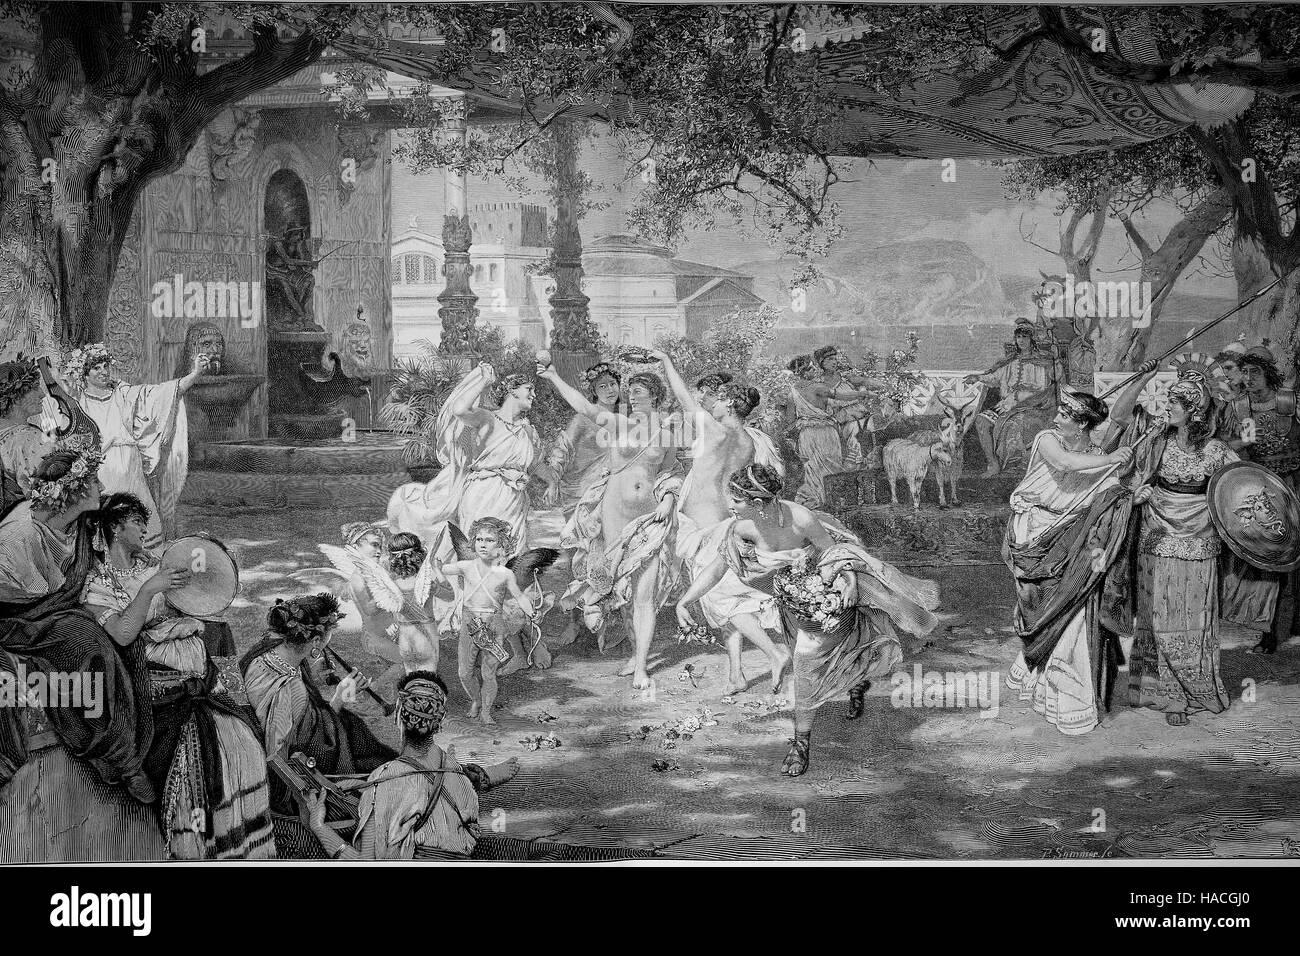 Le jugement de Paris est une histoire de la mythologie grecque, qui était l'un des événements Photo Stock